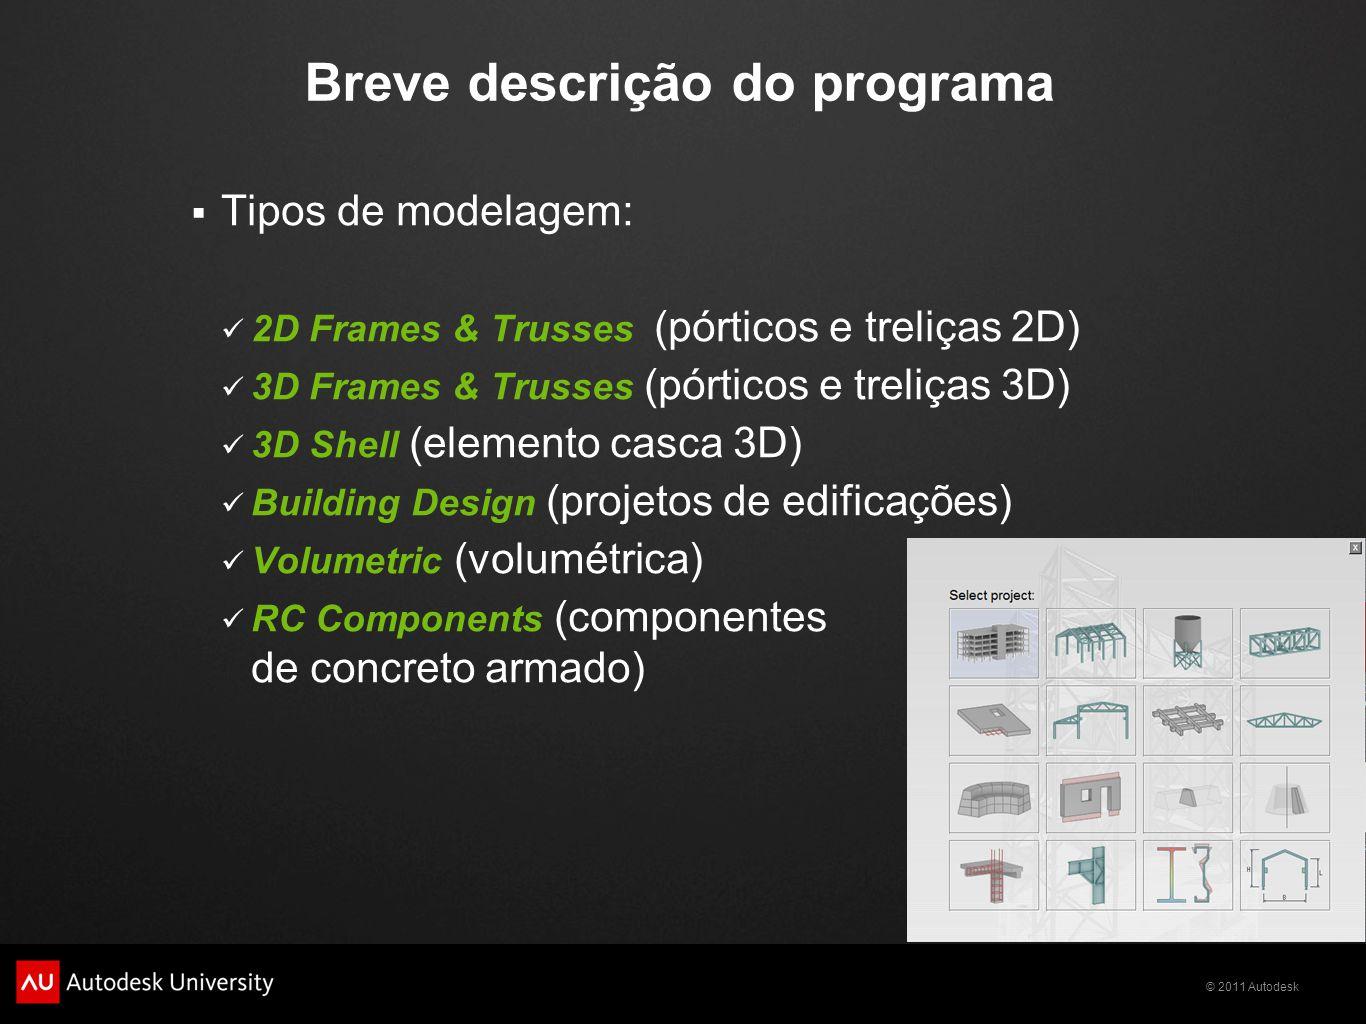 © 2011 Autodesk Breve descrição do programa  Tipos de modelagem: 2D Frames & Trusses (pórticos e treliças 2D) 3D Frames & Trusses (pórticos e treliças 3D) 3D Shell (elemento casca 3D) Building Design (projetos de edificações) Volumetric (volumétrica) RC Components (componentes de concreto armado)